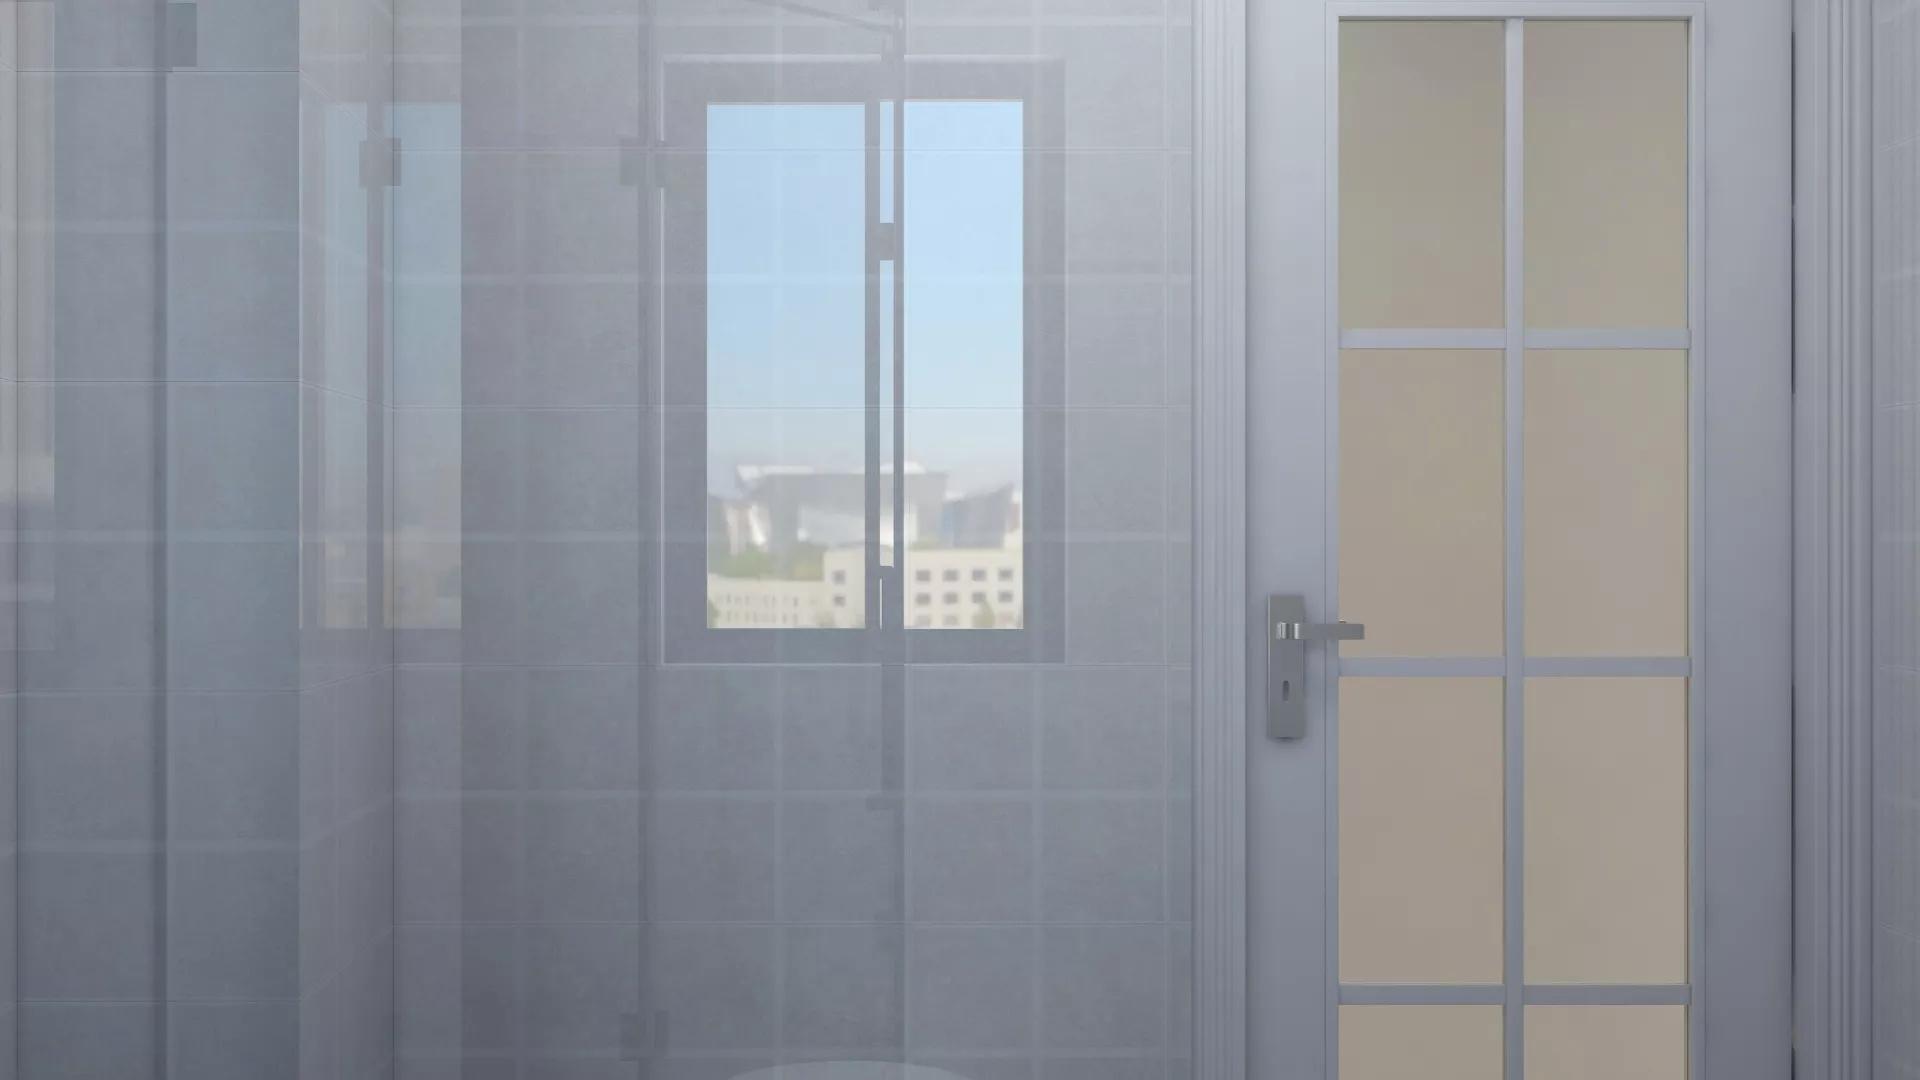 淋浴隔断尺寸是多少 淋浴隔断安装注意事项